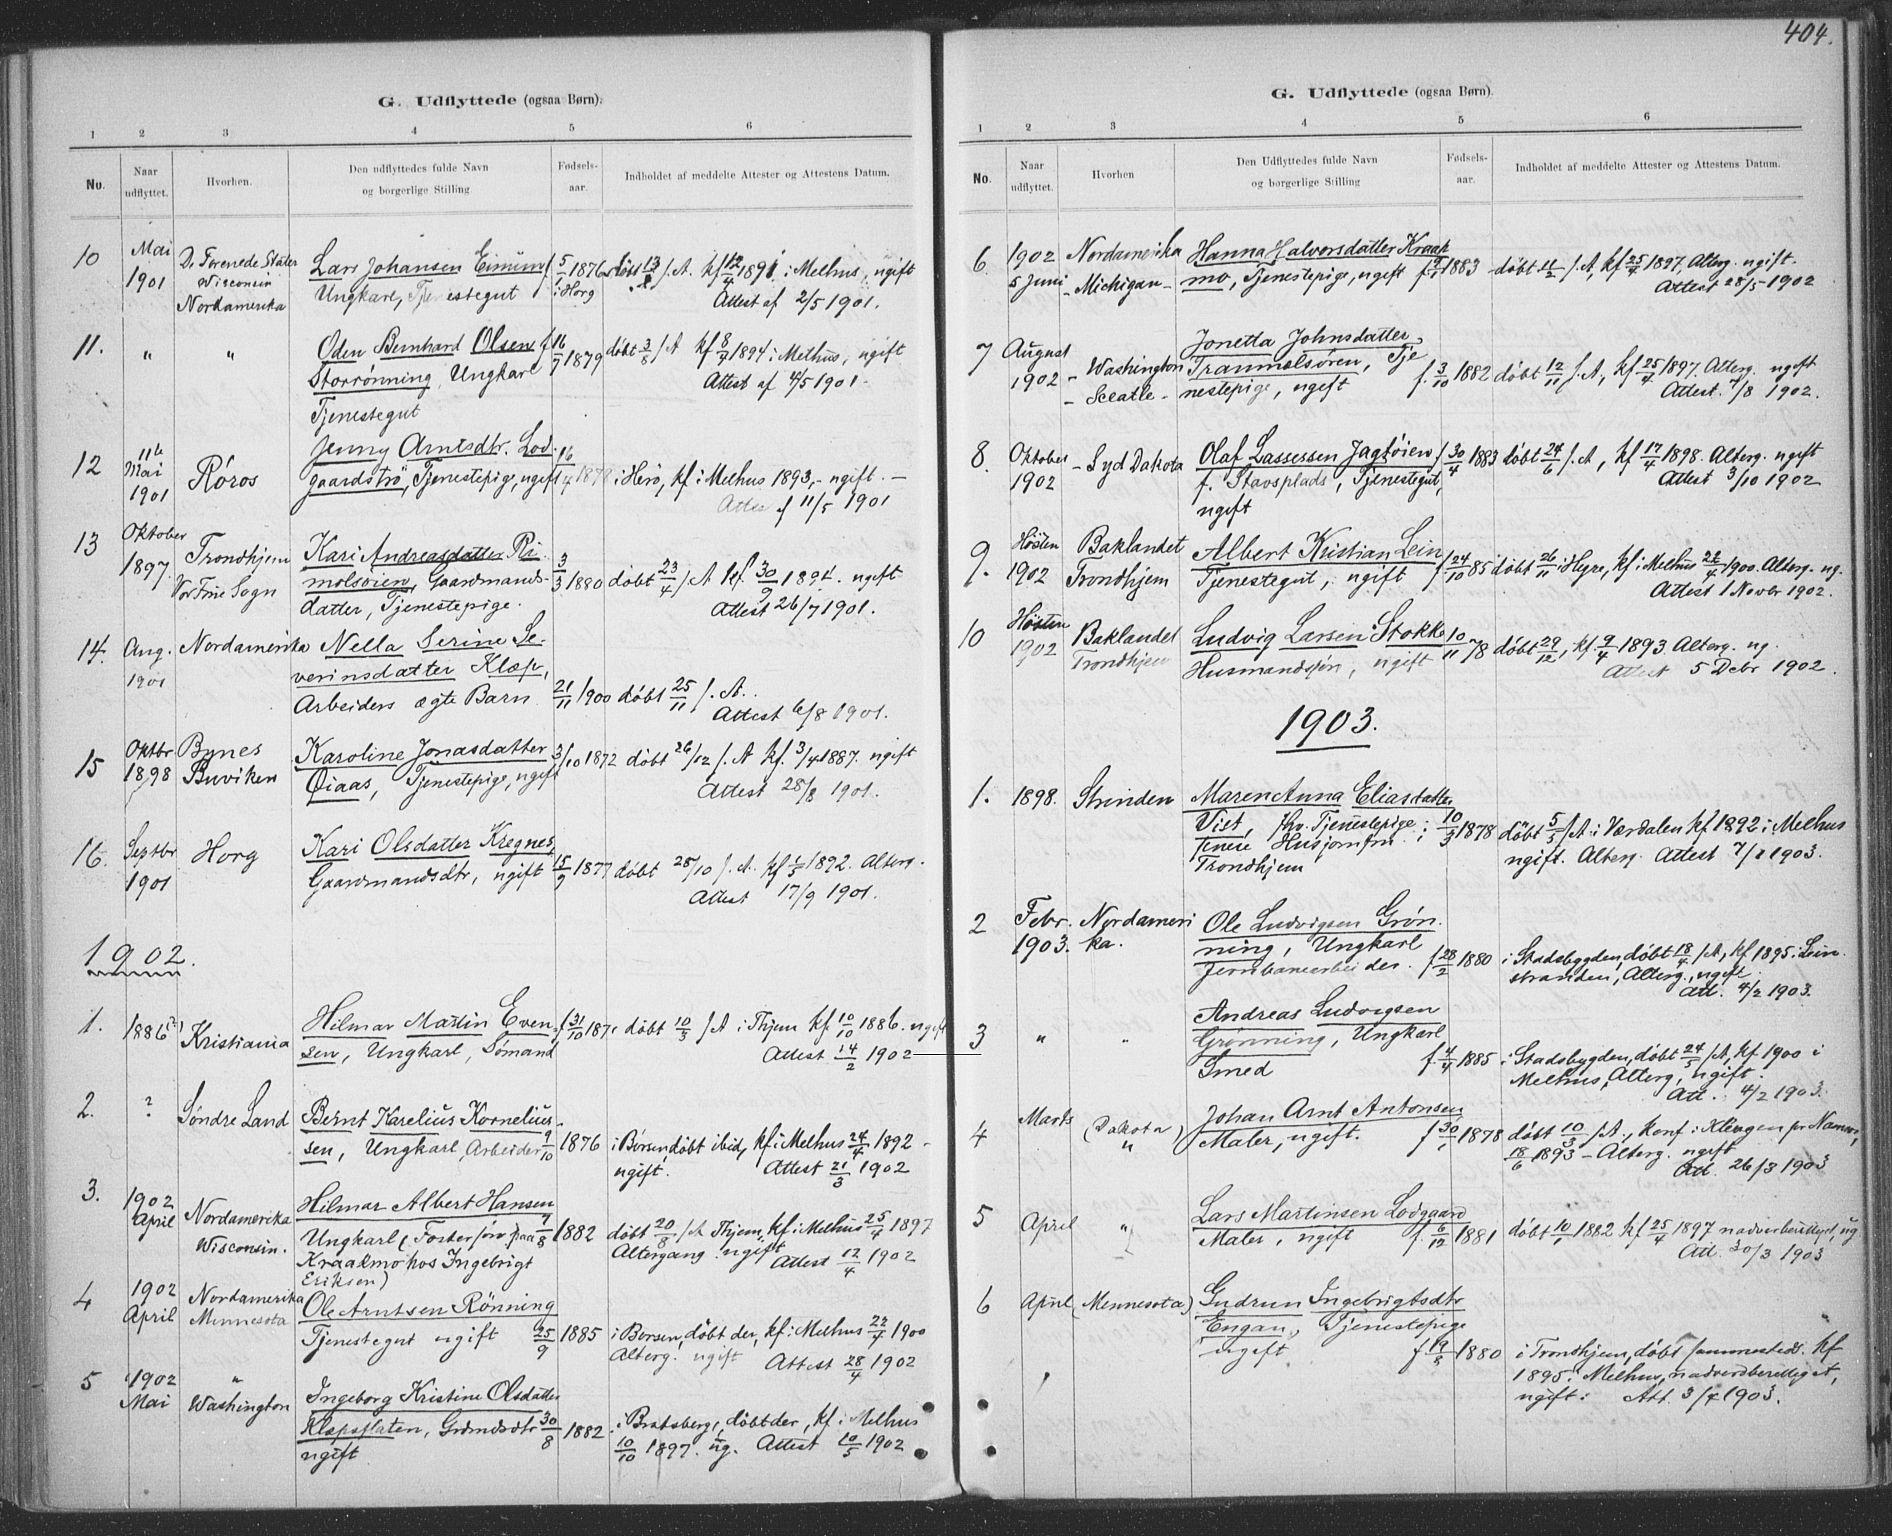 SAT, Ministerialprotokoller, klokkerbøker og fødselsregistre - Sør-Trøndelag, 691/L1085: Ministerialbok nr. 691A17, 1887-1908, s. 404